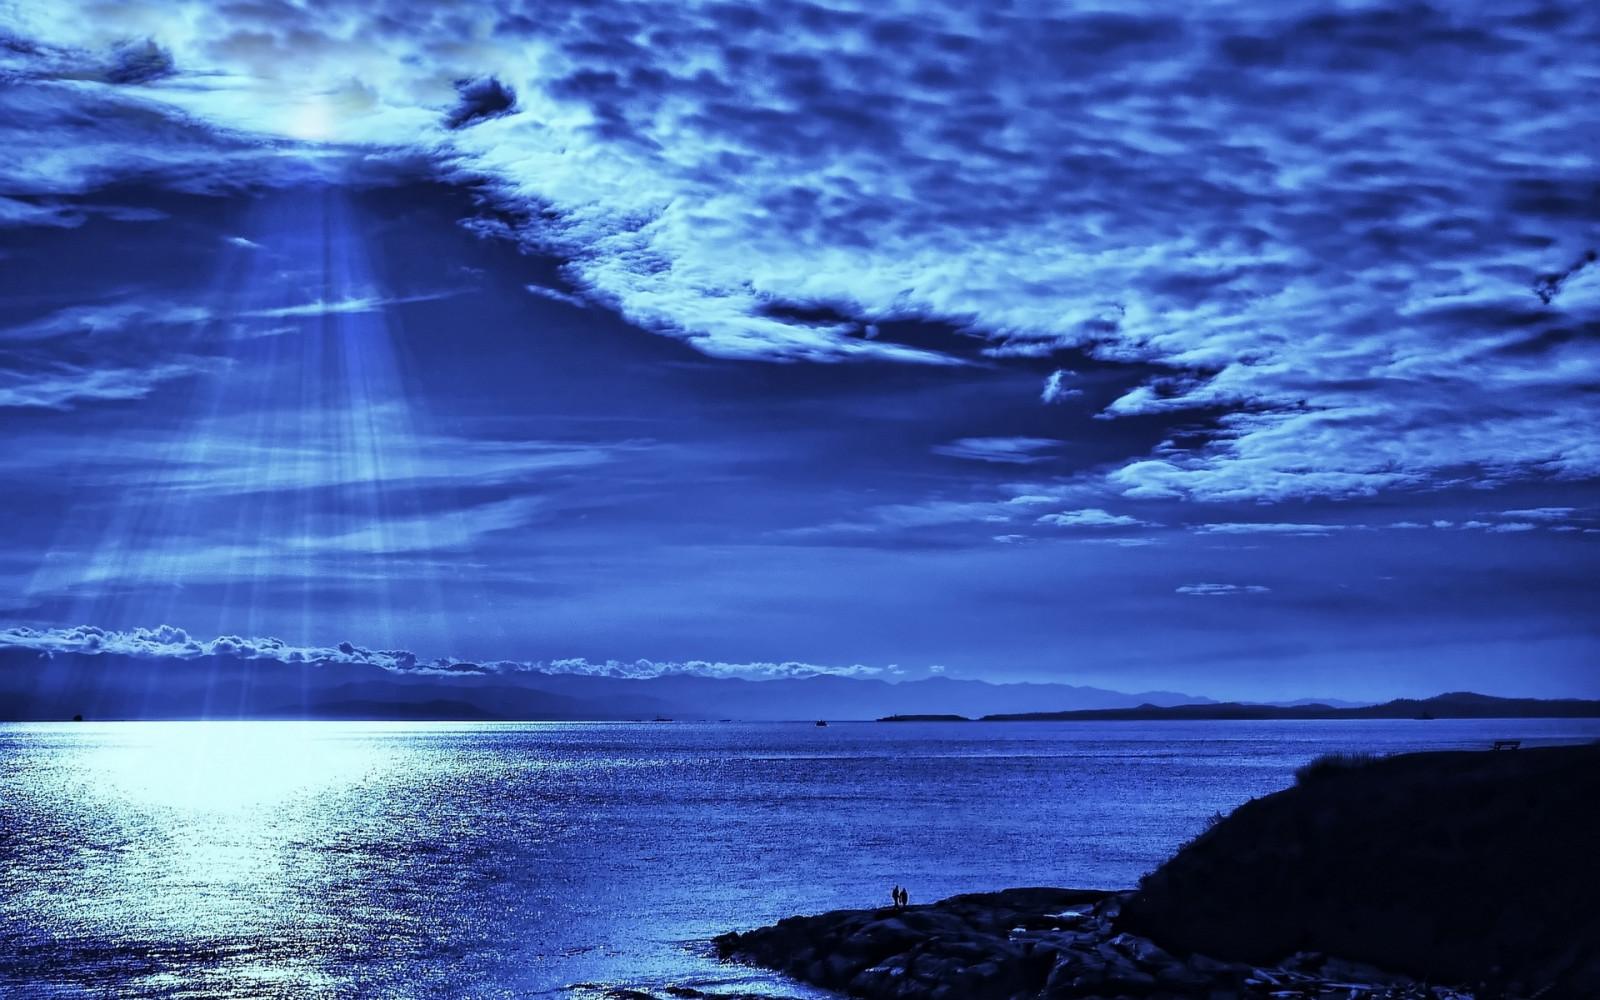 Картинки в синем цвете море, первоклассникам сентября